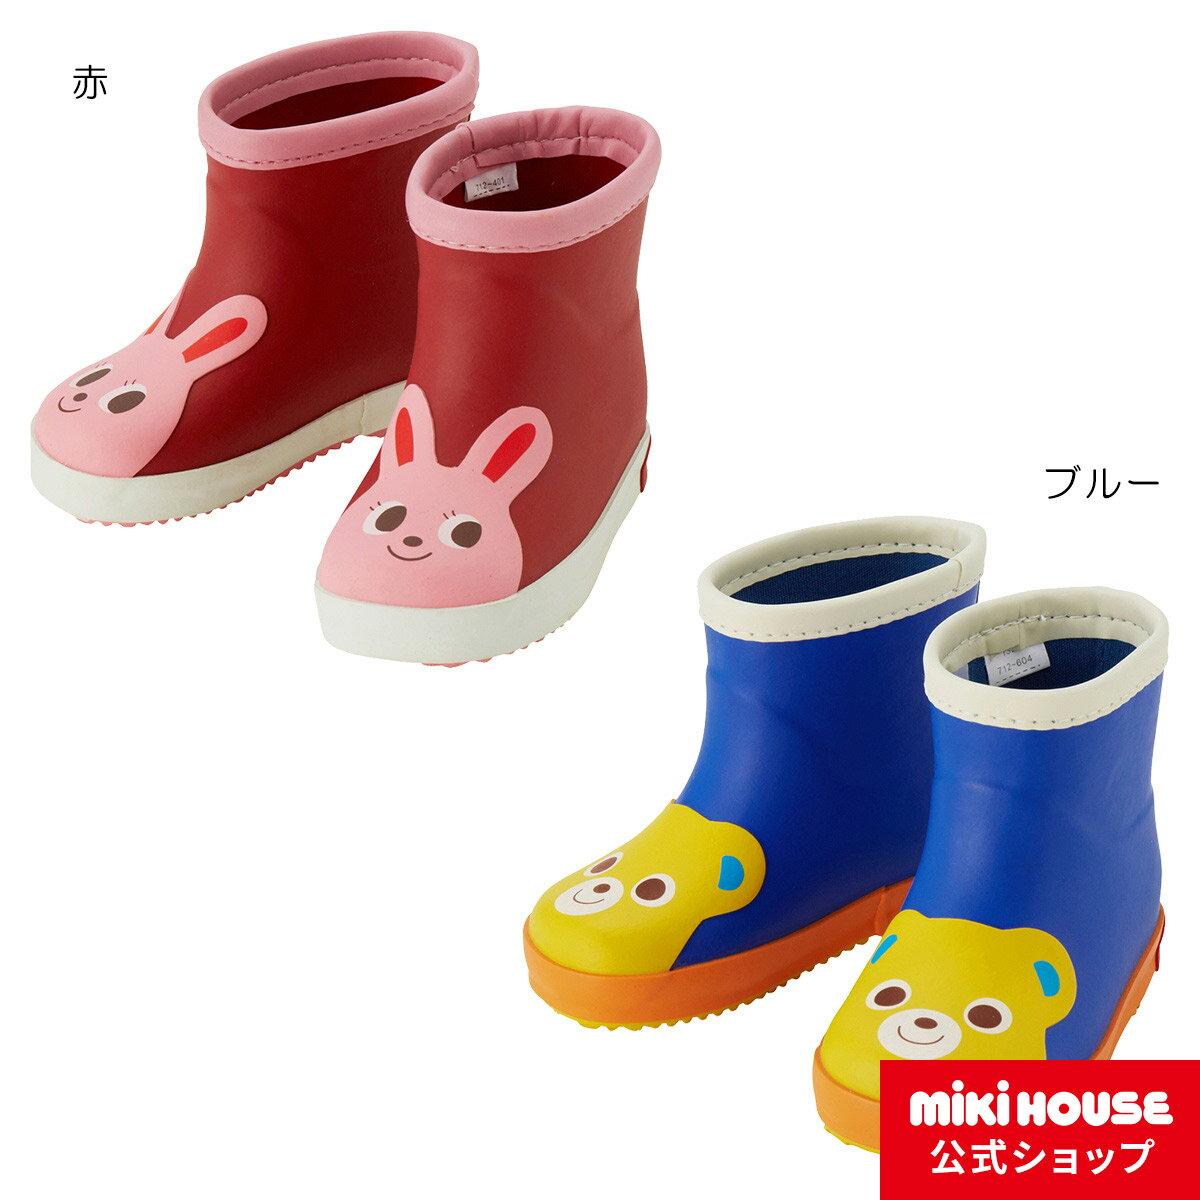 【全品10倍ポイント(9/21-9/26)】ミキハウス mikihouse つま先にプッチー&うさこ☆レインブーツ(長靴)(13cm-18cm)